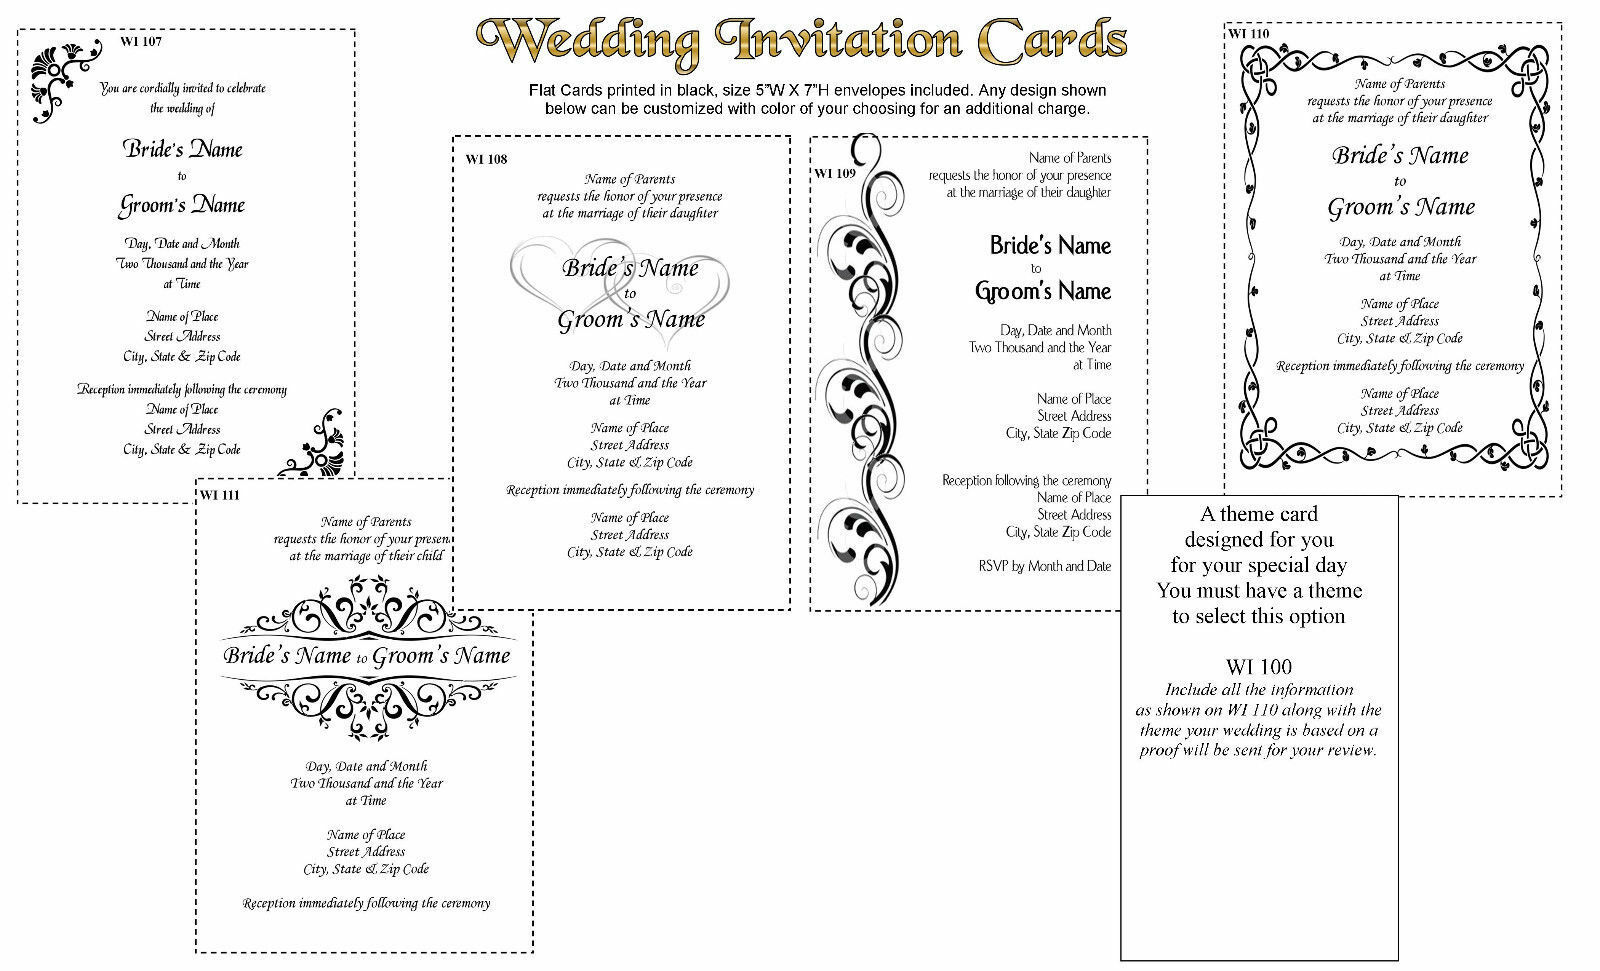 De mariage 100 Cartes d'invitation imprimé en noir avec des enveloppes de nombreuses options